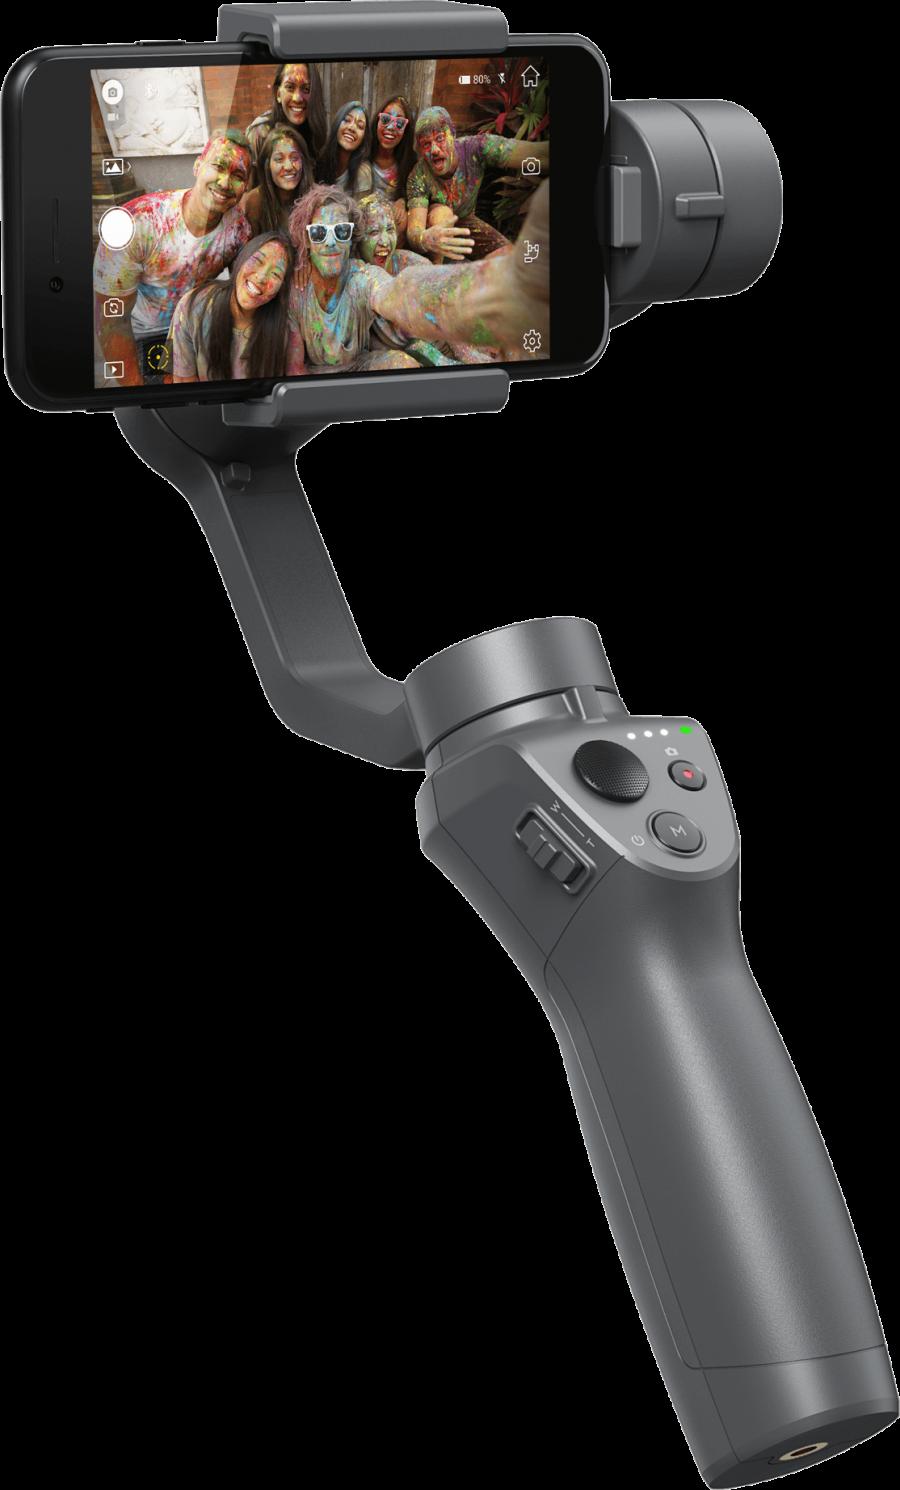 osmo-mobile-2-smartphone-stabilizer-1-e1